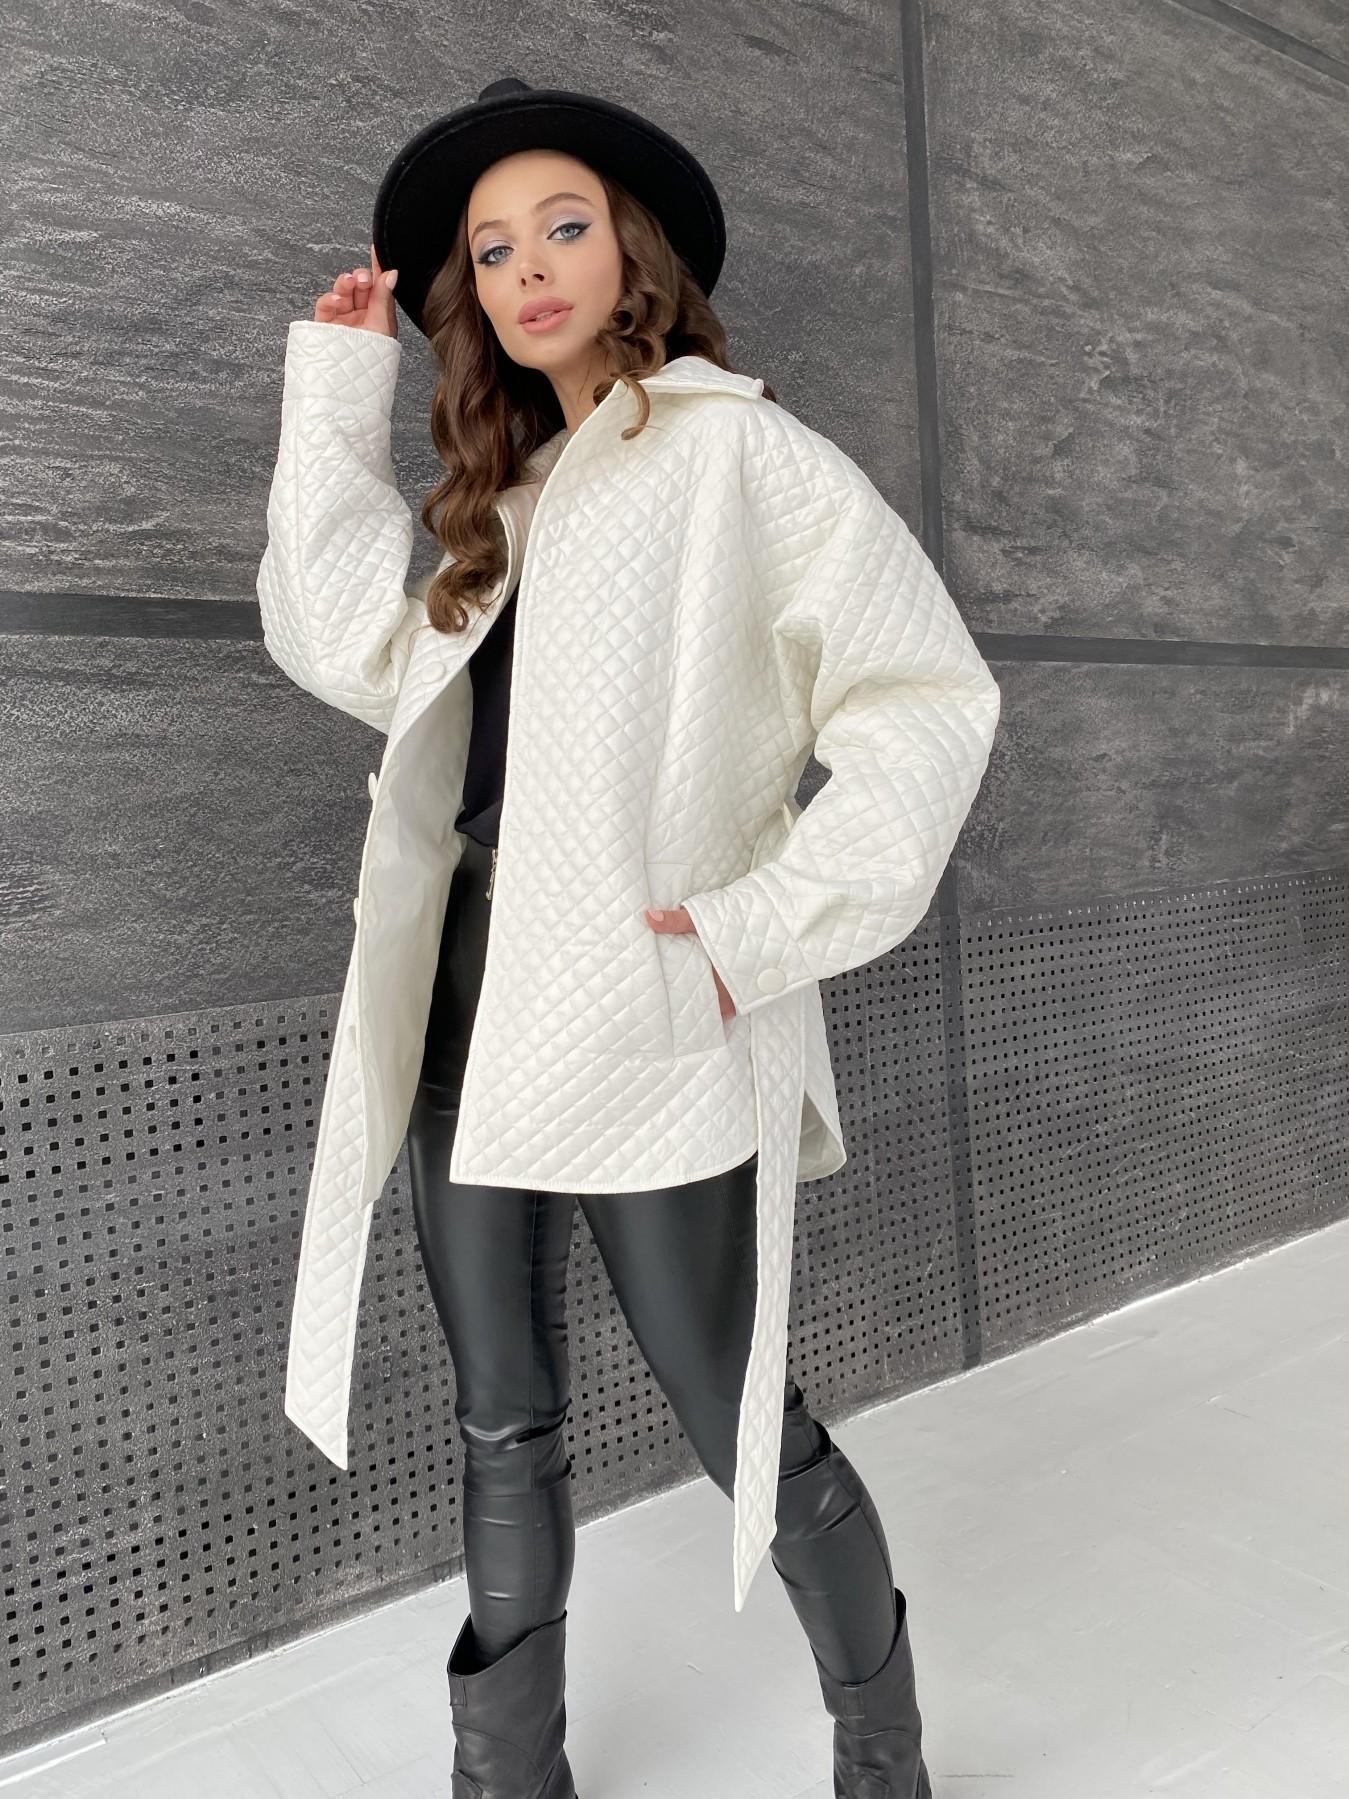 Моно куртка стеганая из  плащевой ткани 11045 АРТ. 47530 Цвет: Молоко - фото 4, интернет магазин tm-modus.ru